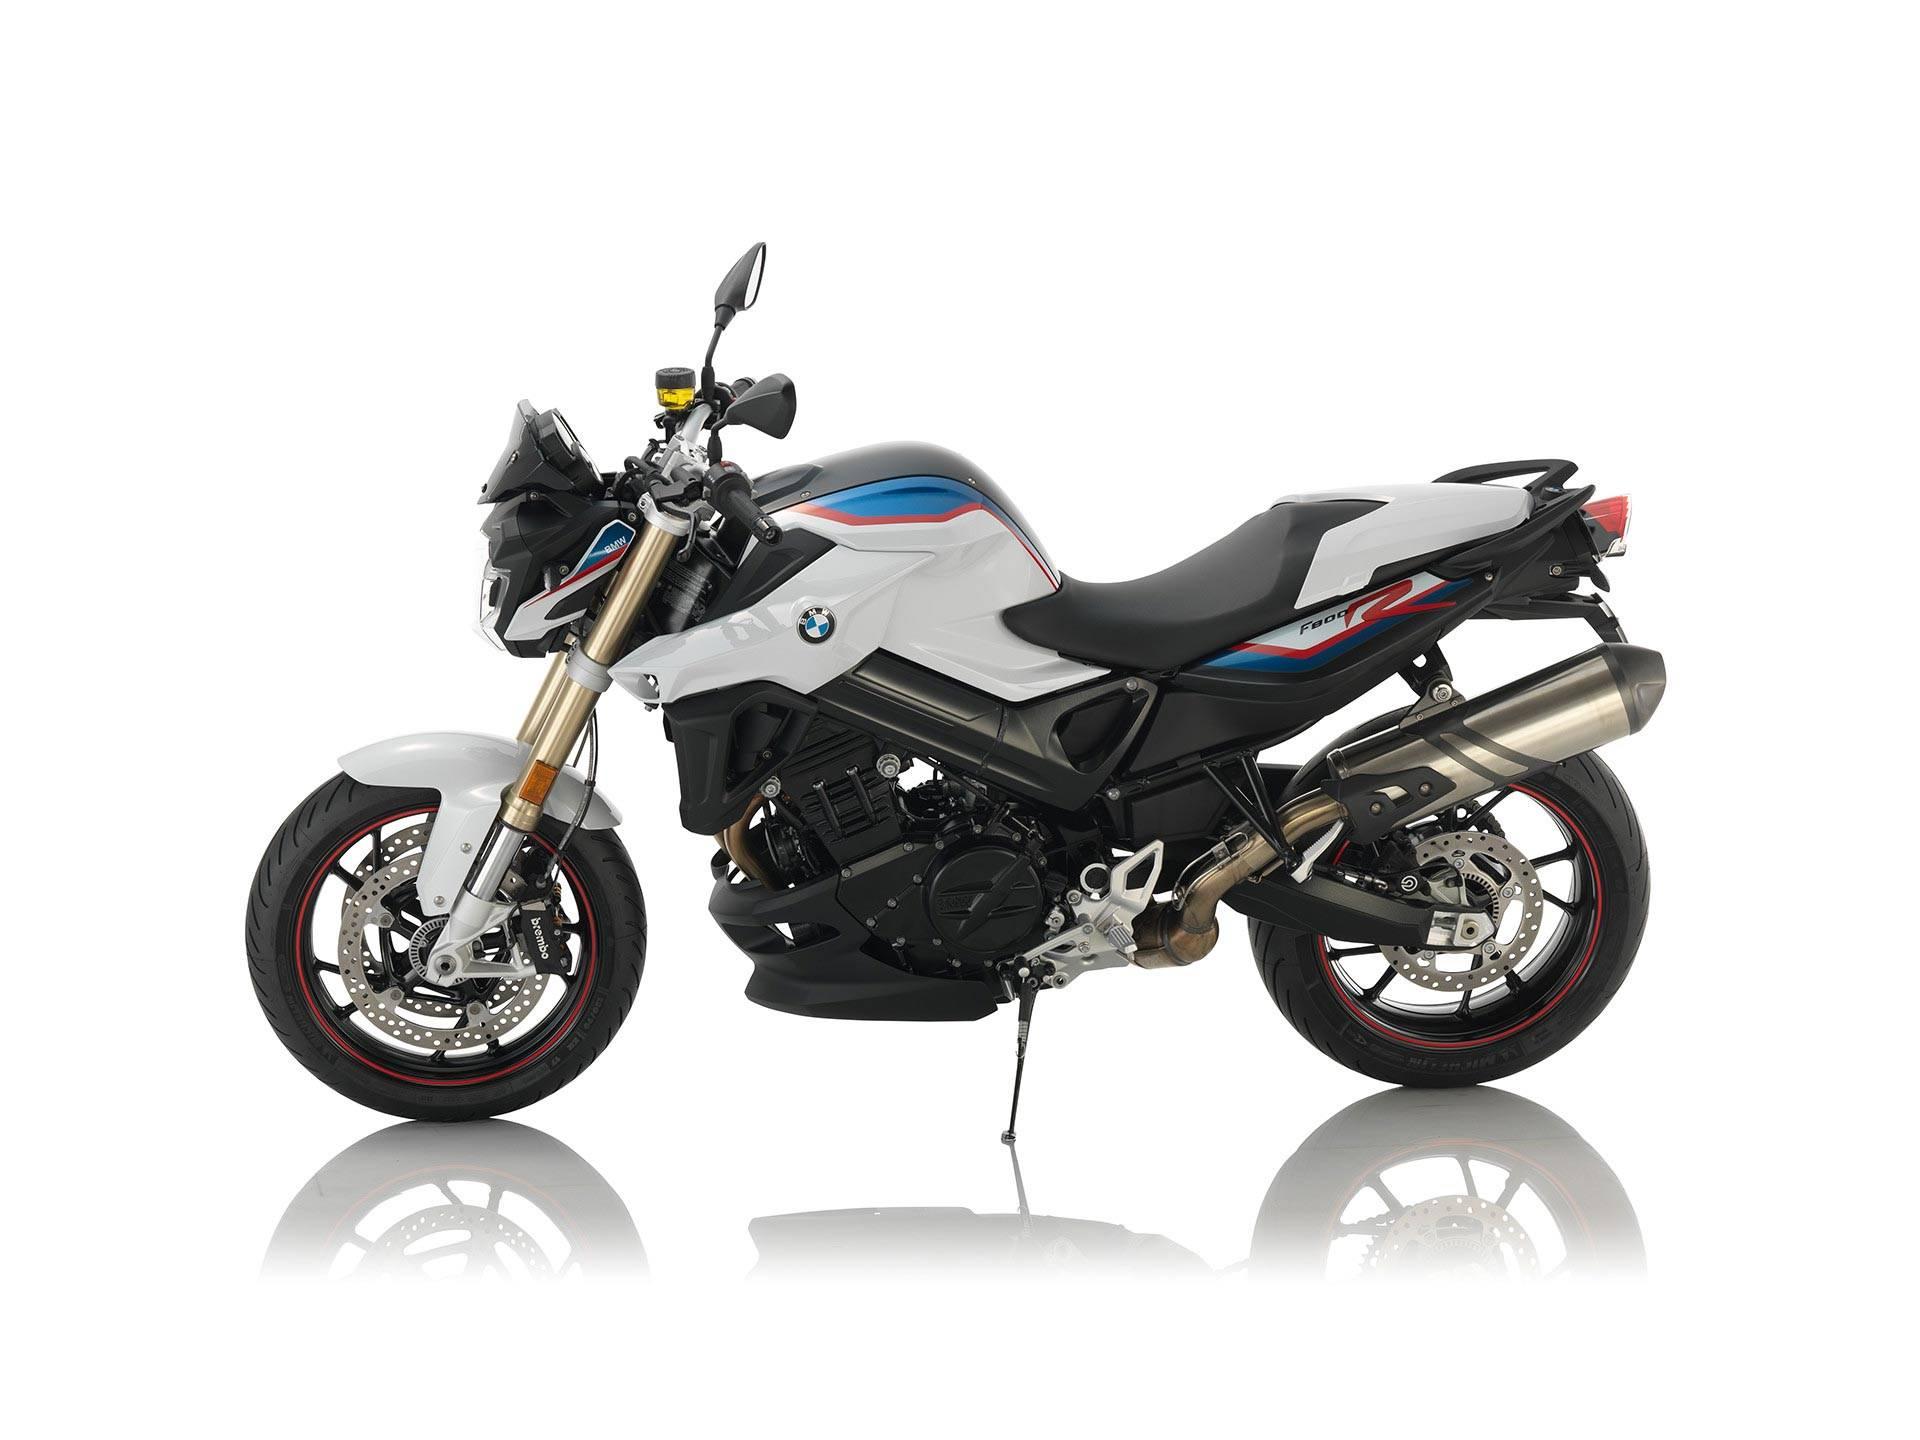 f 800 r - gold coast bmw motorrad